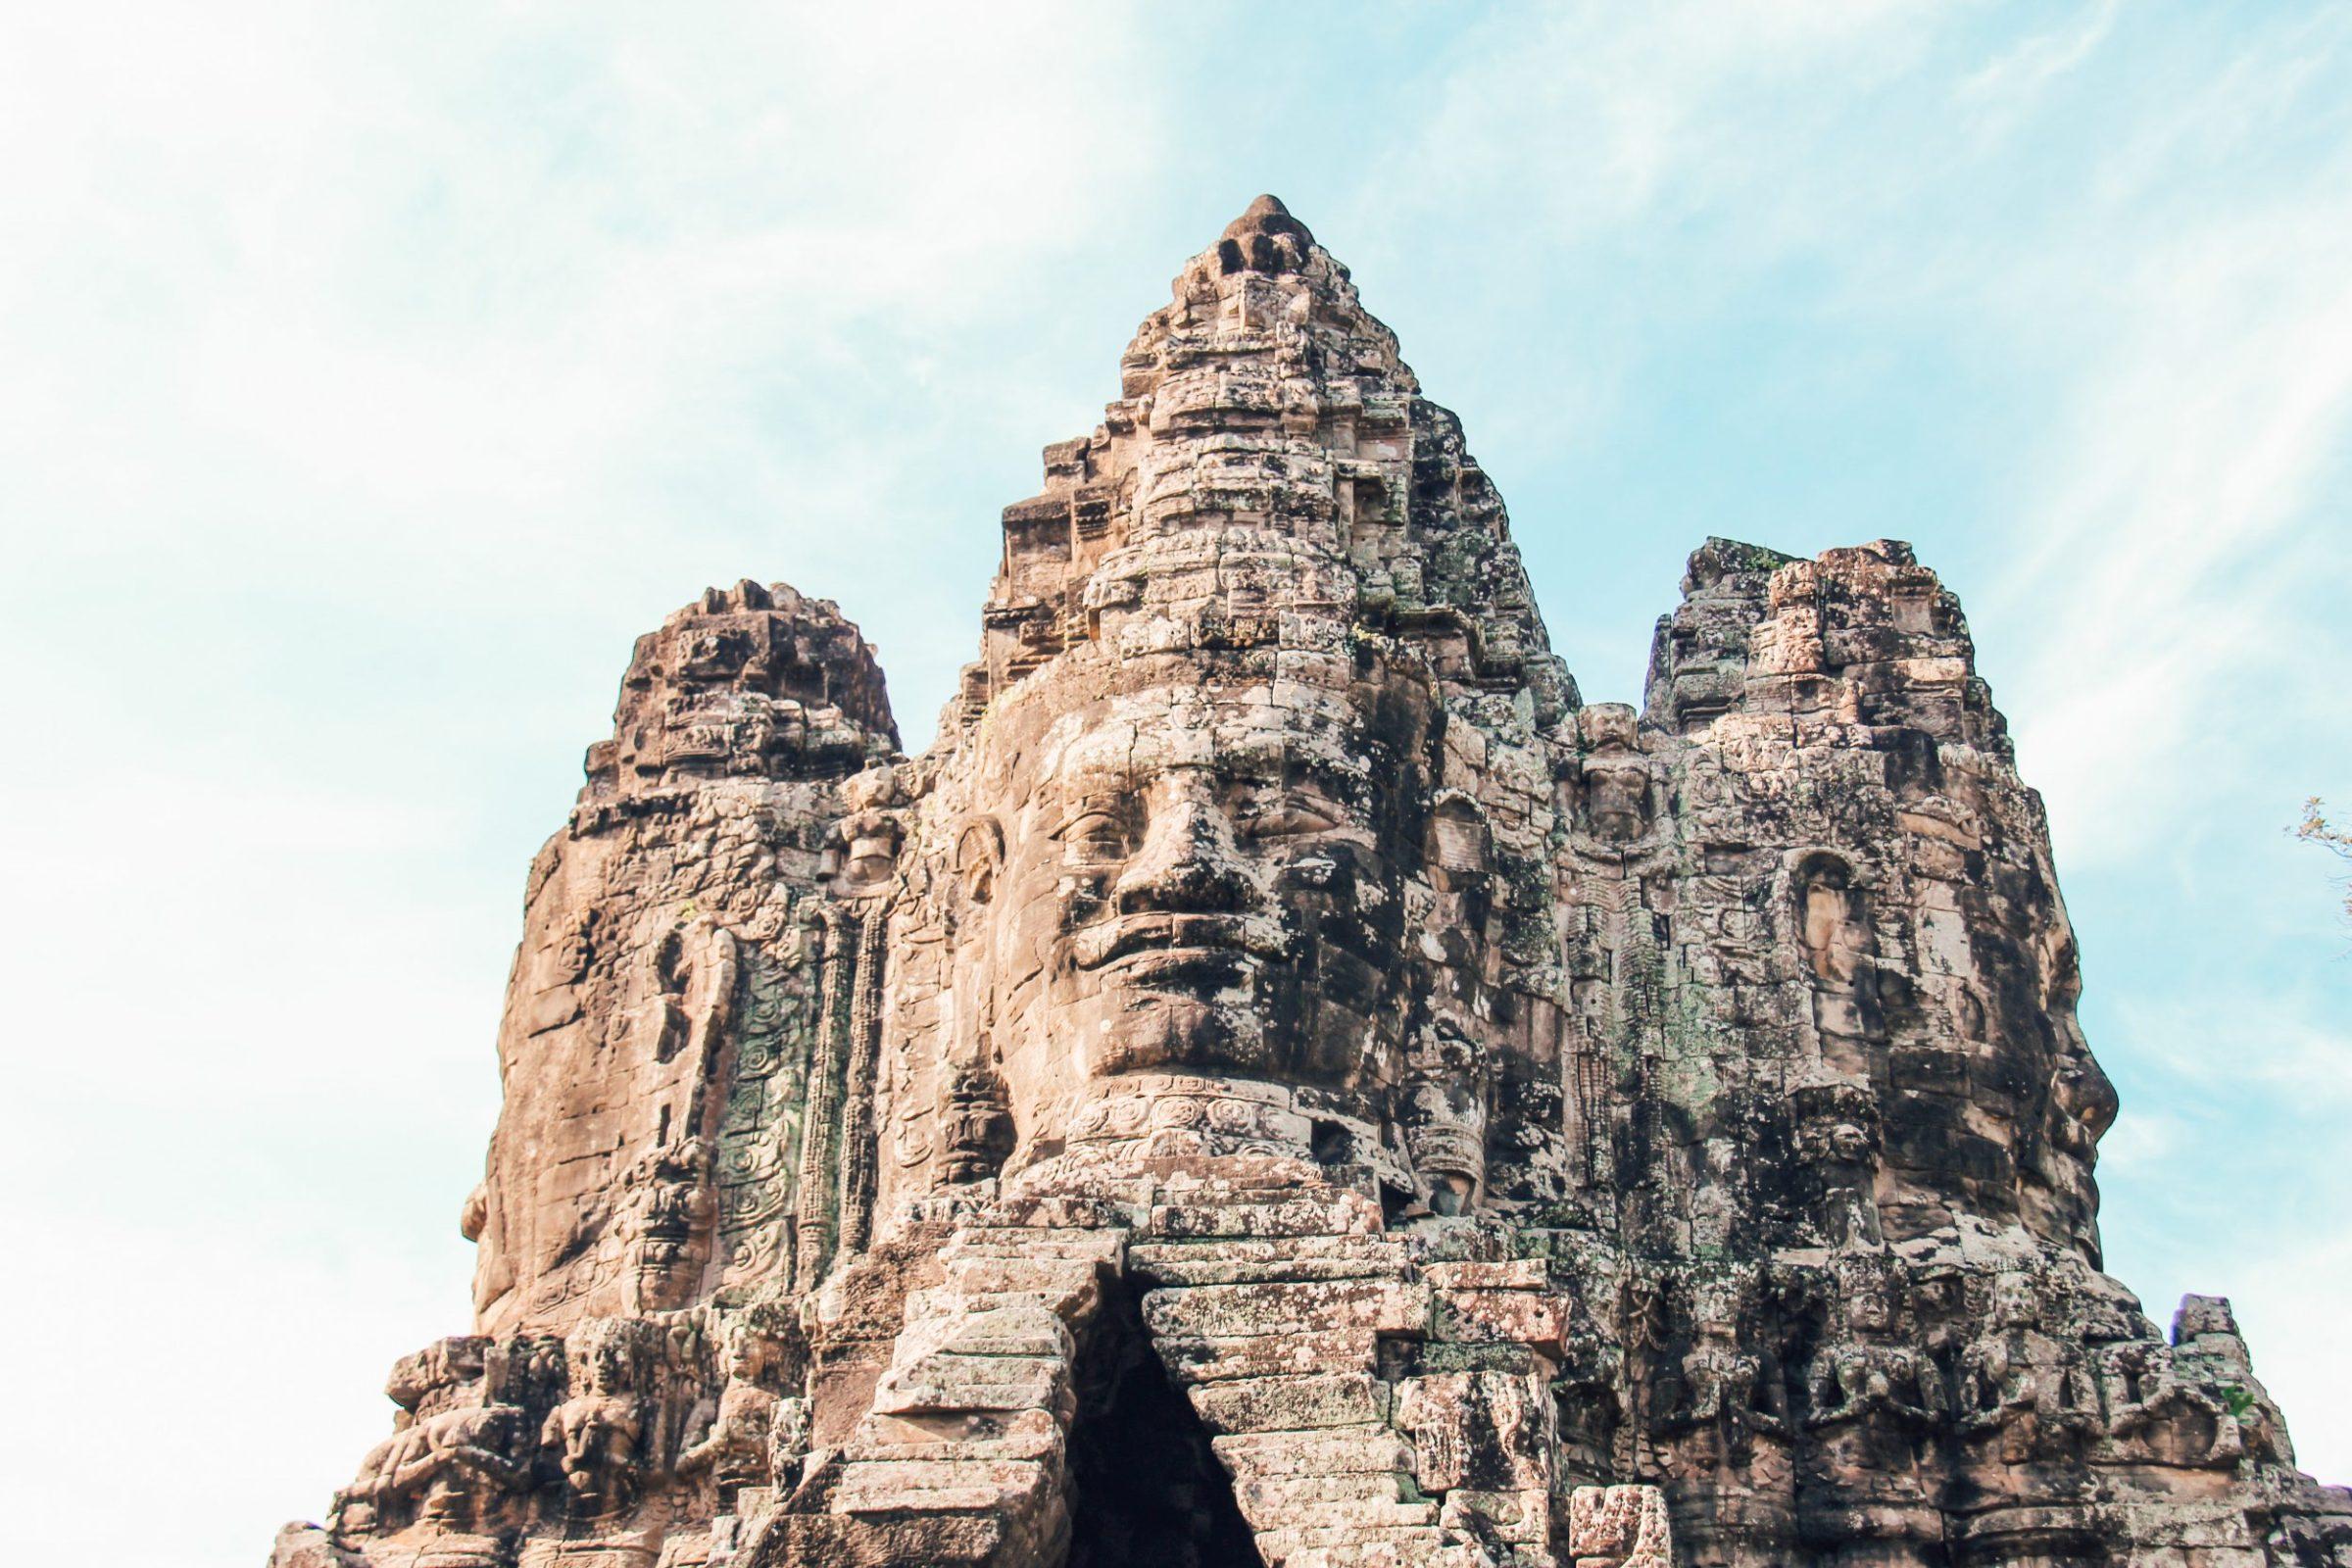 De poort van Angkor, Cambodja